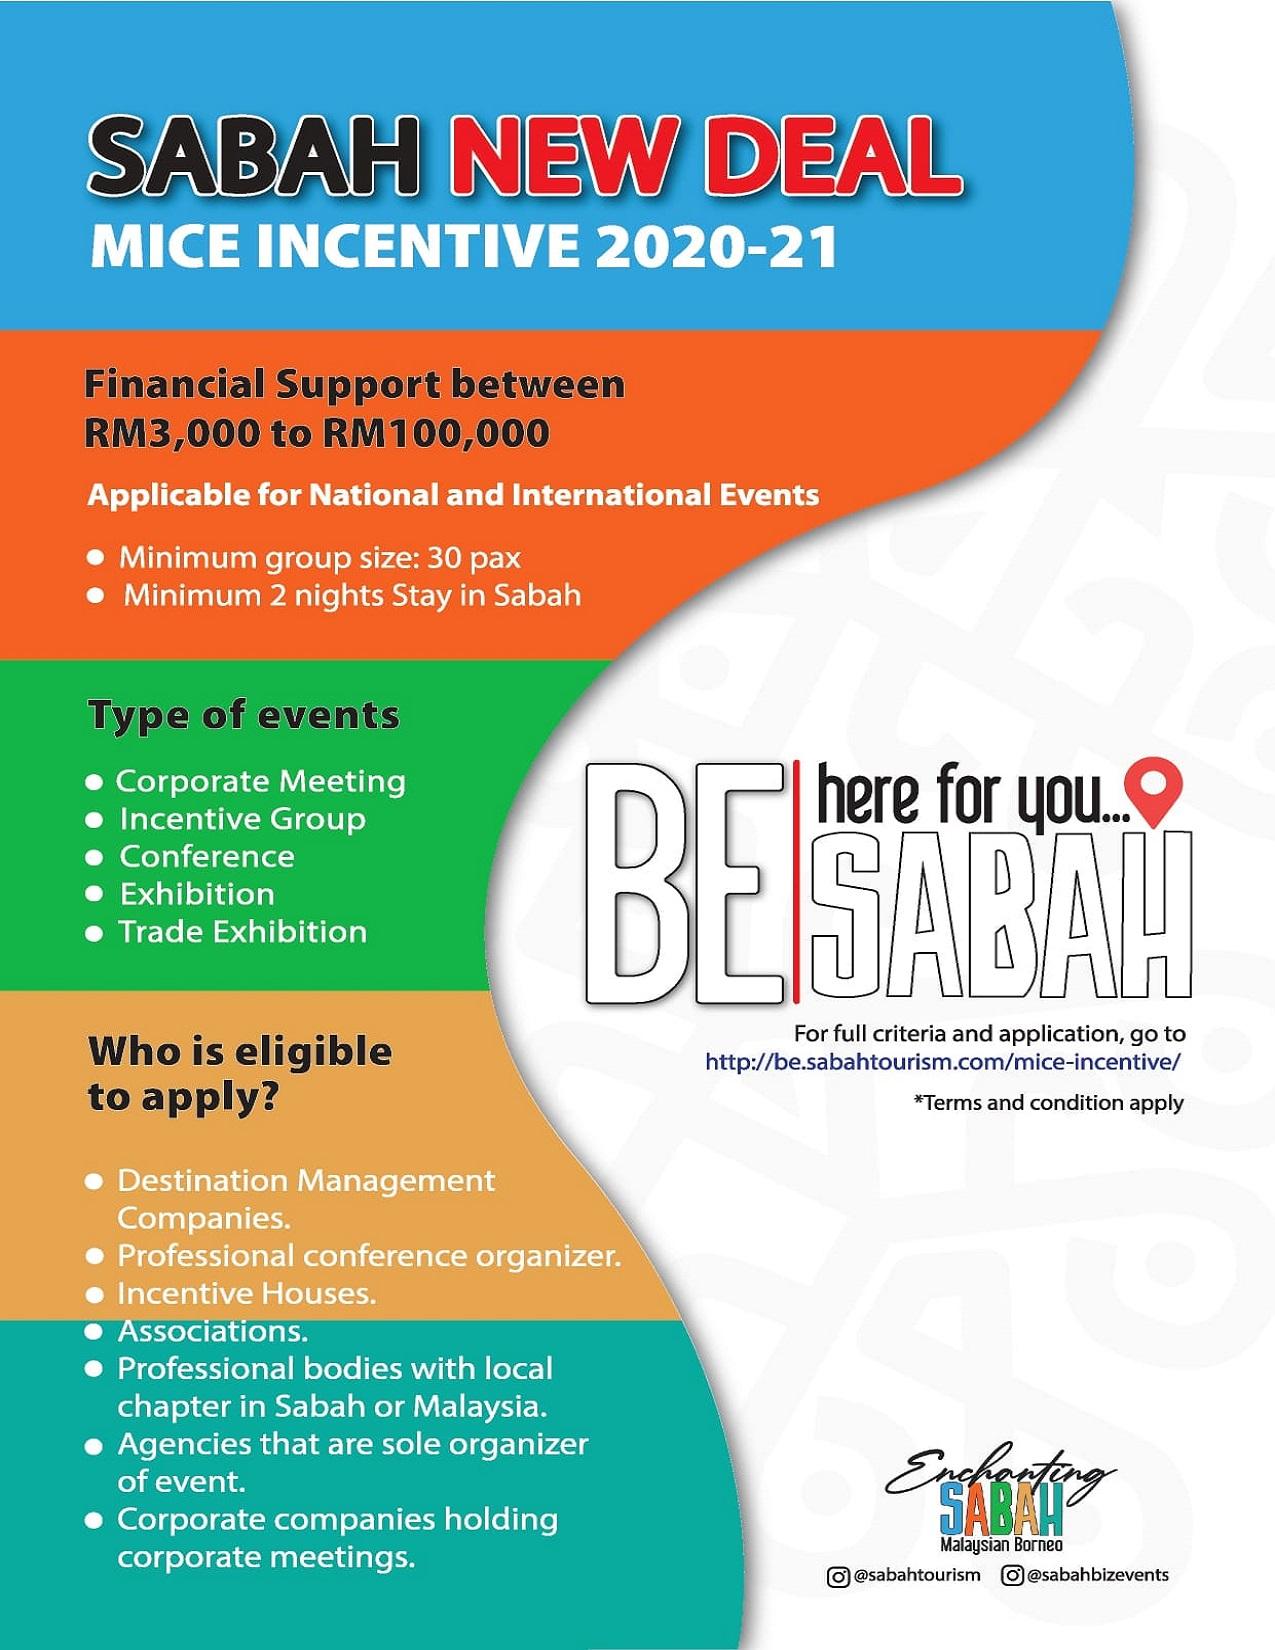 Sabah New Deal Mice Incentive 2020-21